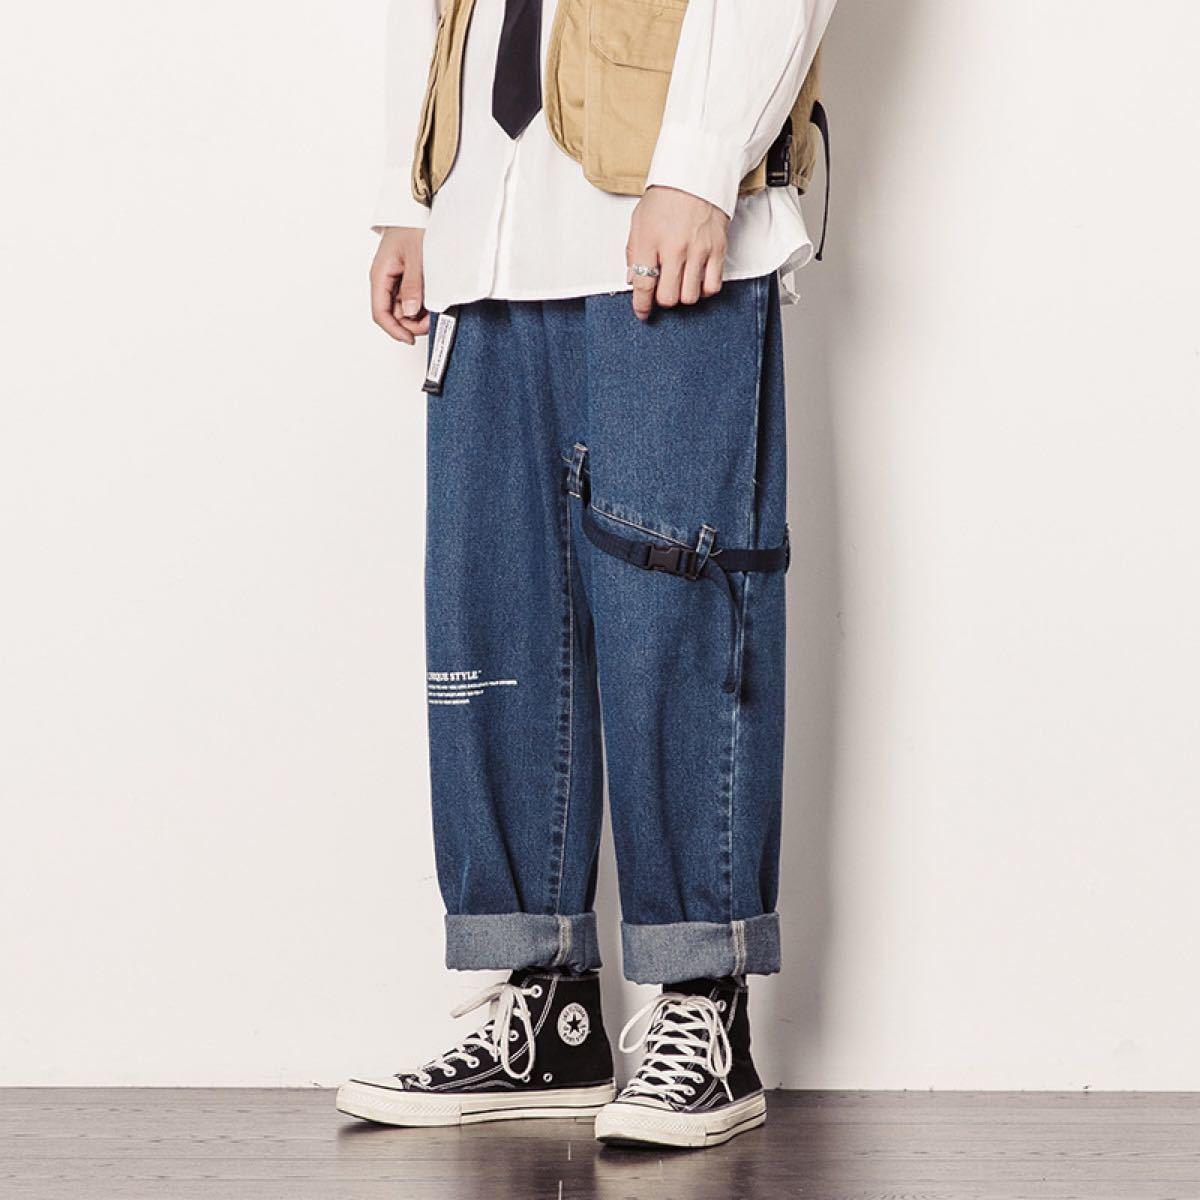 デニム ワイドパンツ ジーンズ ボトムス ストレートパンツ 9分丈 メンズ